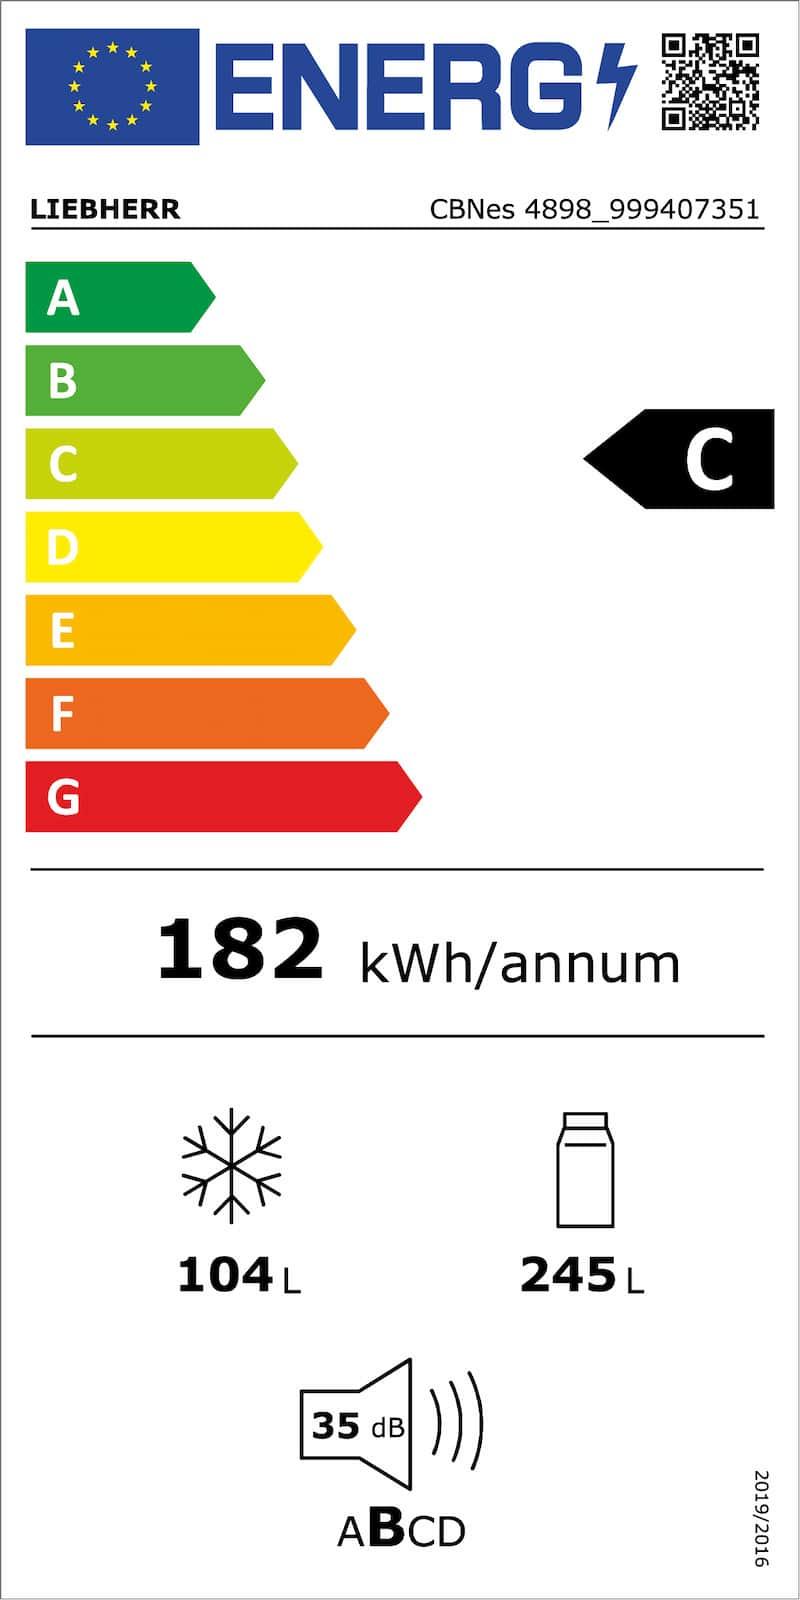 Das neue EU-Energielabel: Künftig wird die Energieeffizienz von Elektrogeräten wieder auf einer Skala von A bis G verteilt dargestellt.